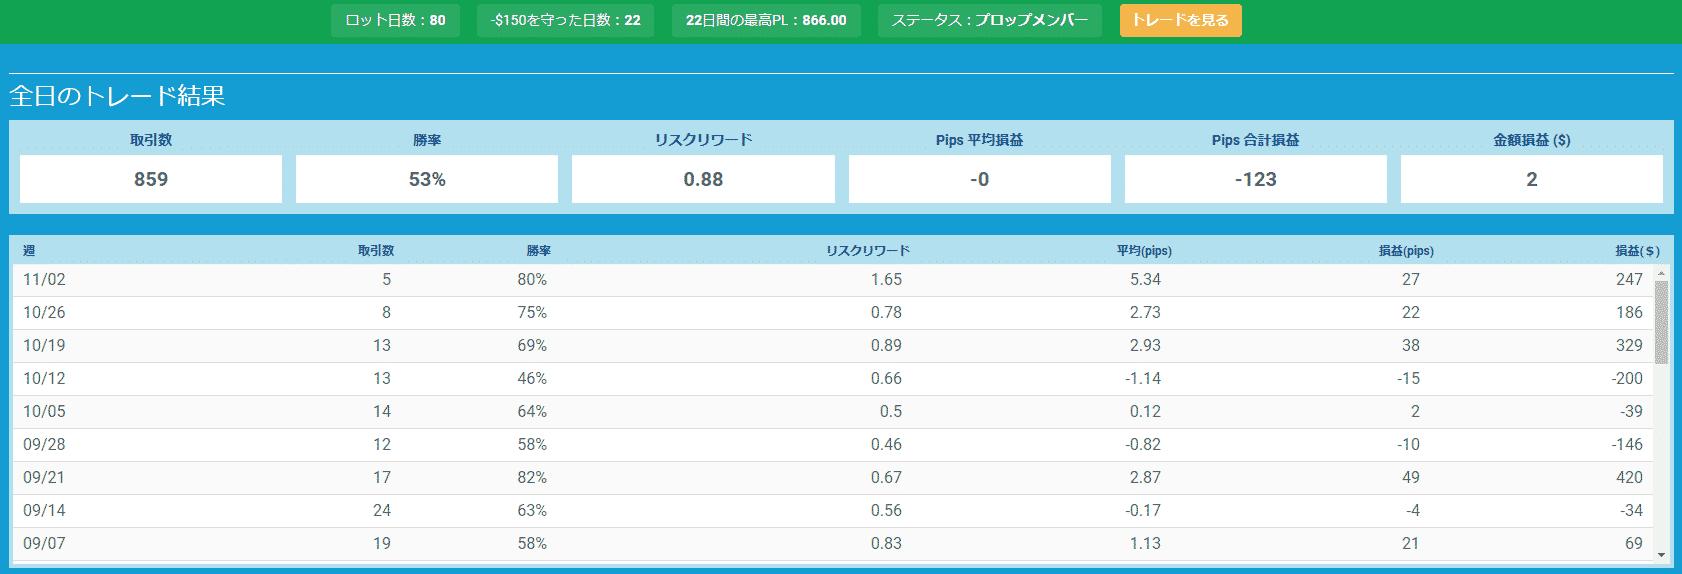 プロップトレーダーチャートYuko3